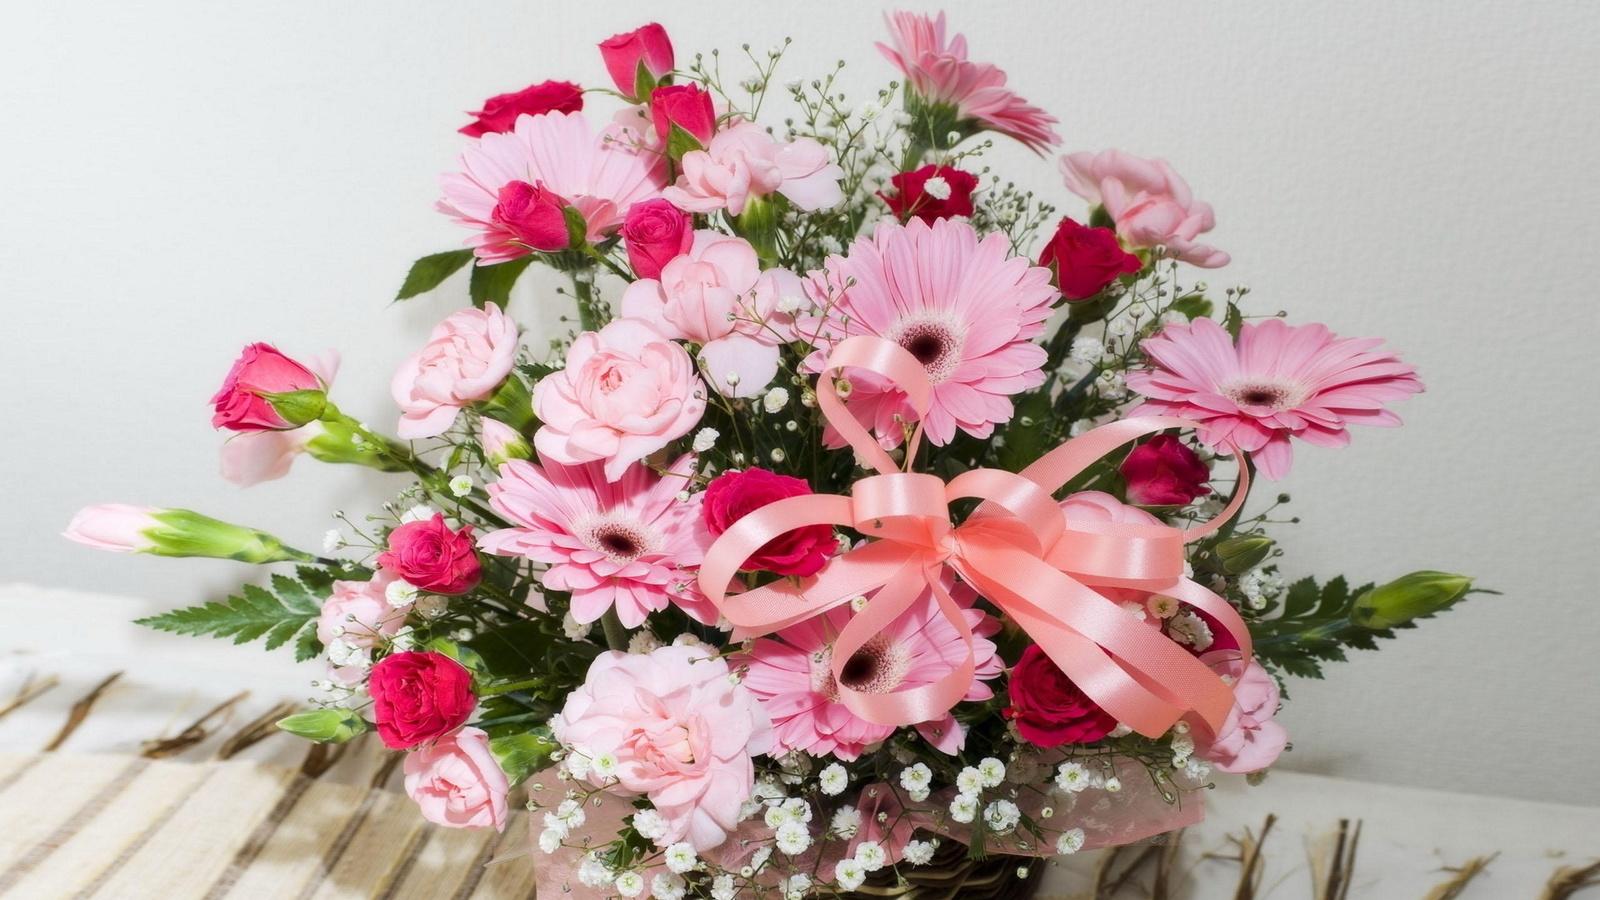 http://www.nastol.com.ua/download.php?img=201204/1600x900/nastol.com.ua-22571.jpg